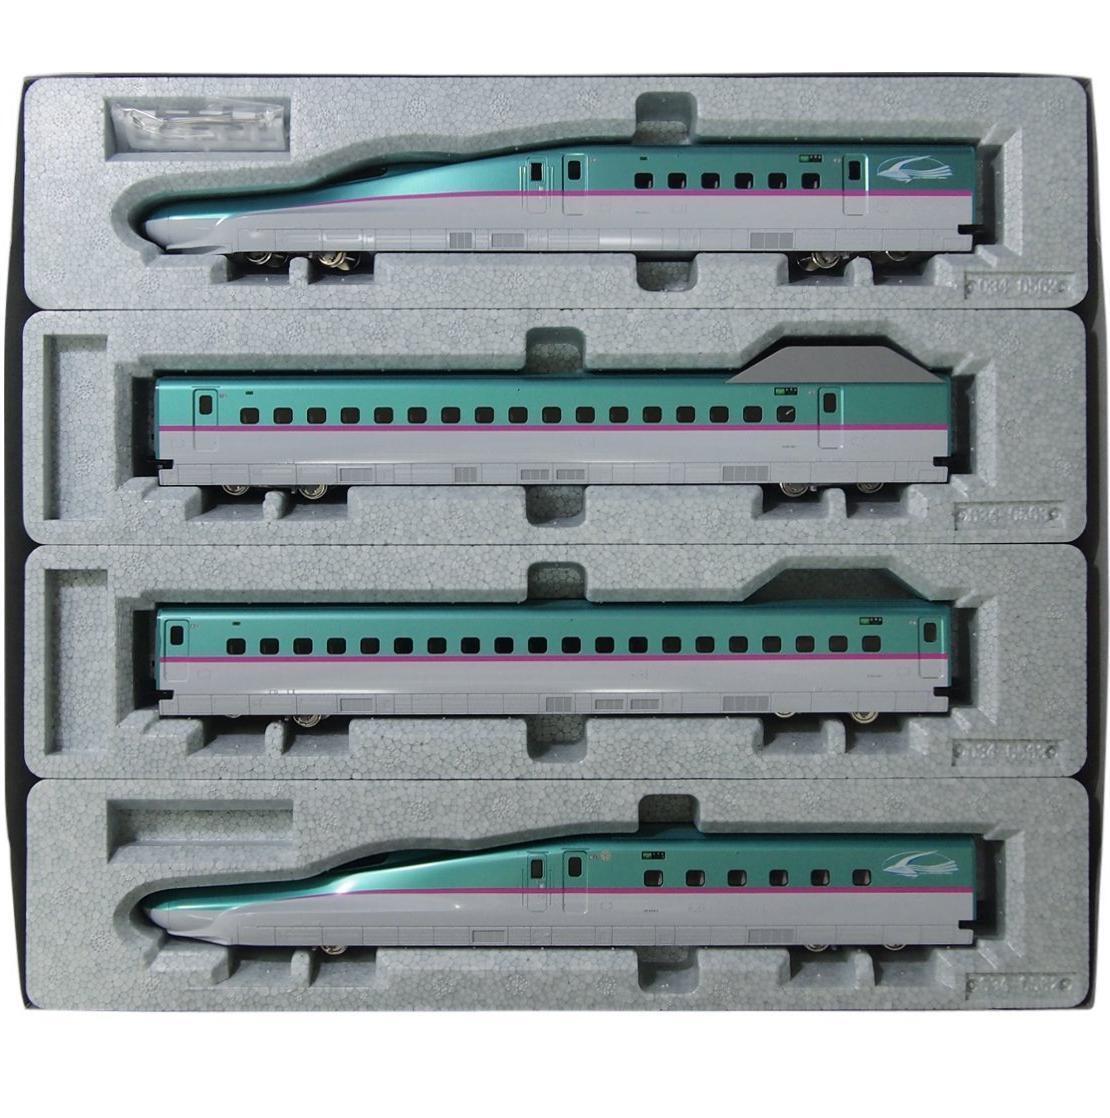 Kato 3 -516 serie E5 Shinkansen Bullet Train Hayabussa 4 bils ståard Set - HO